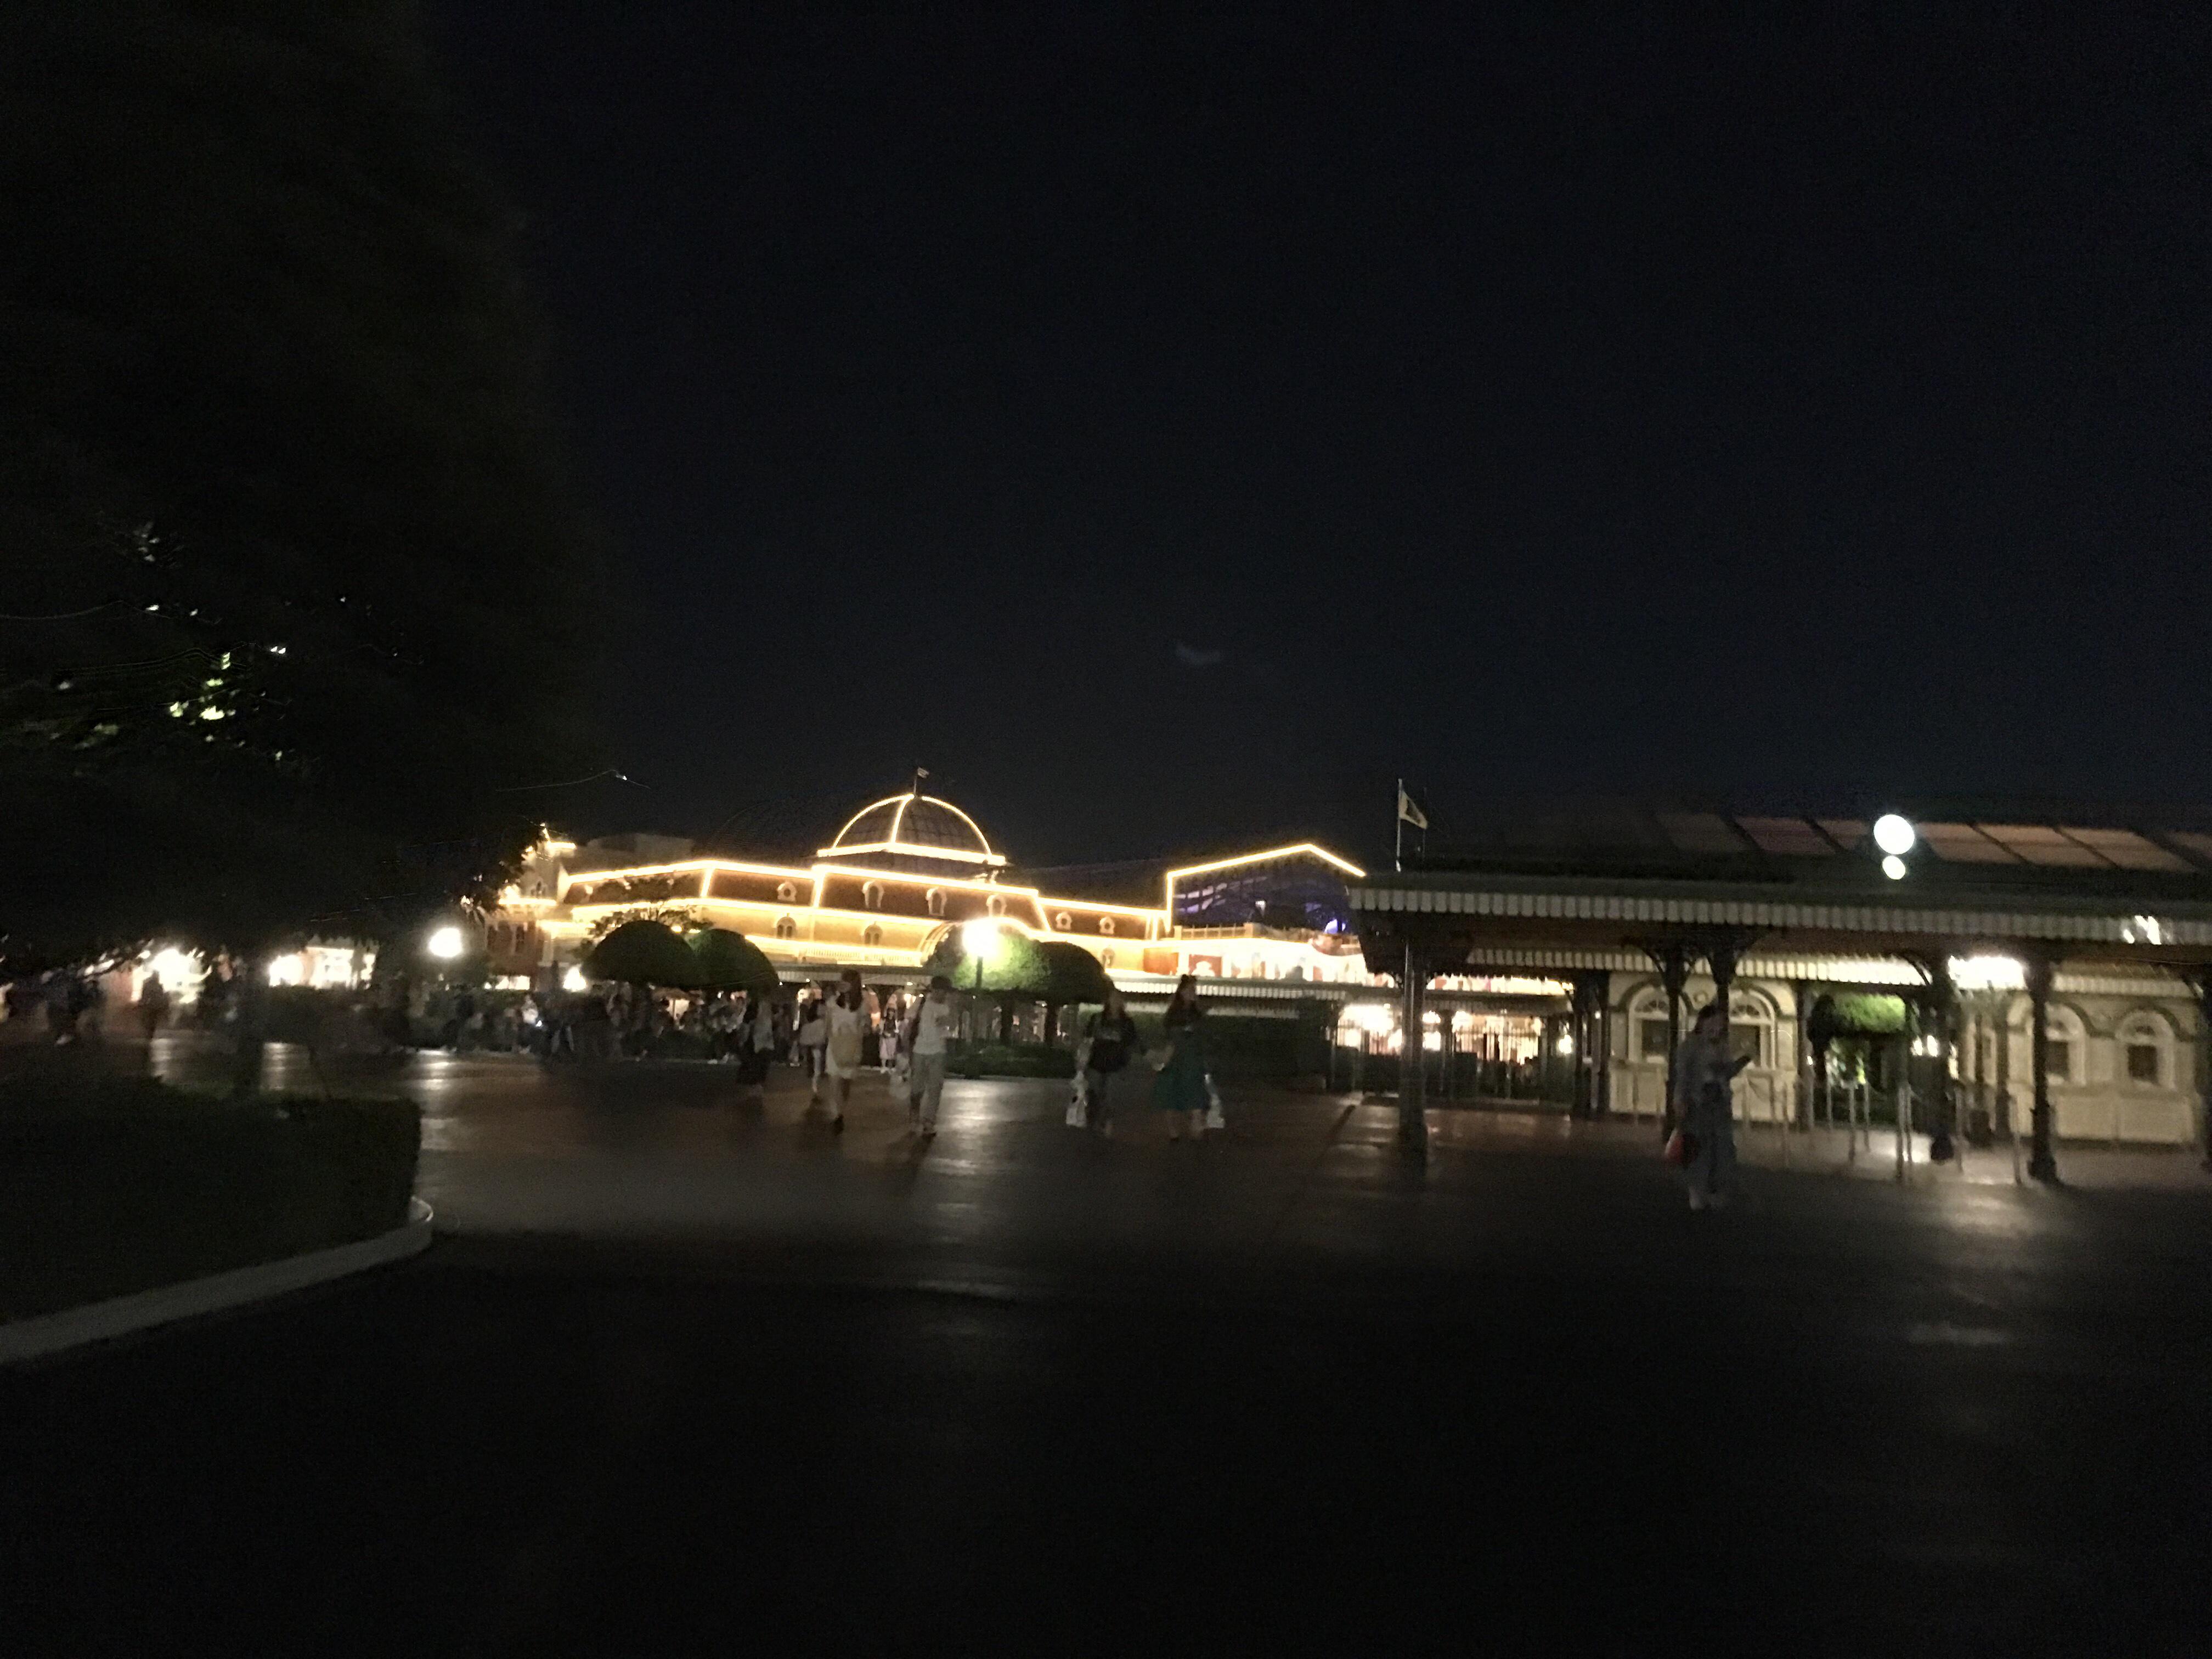 ディズニーランド夜の風景